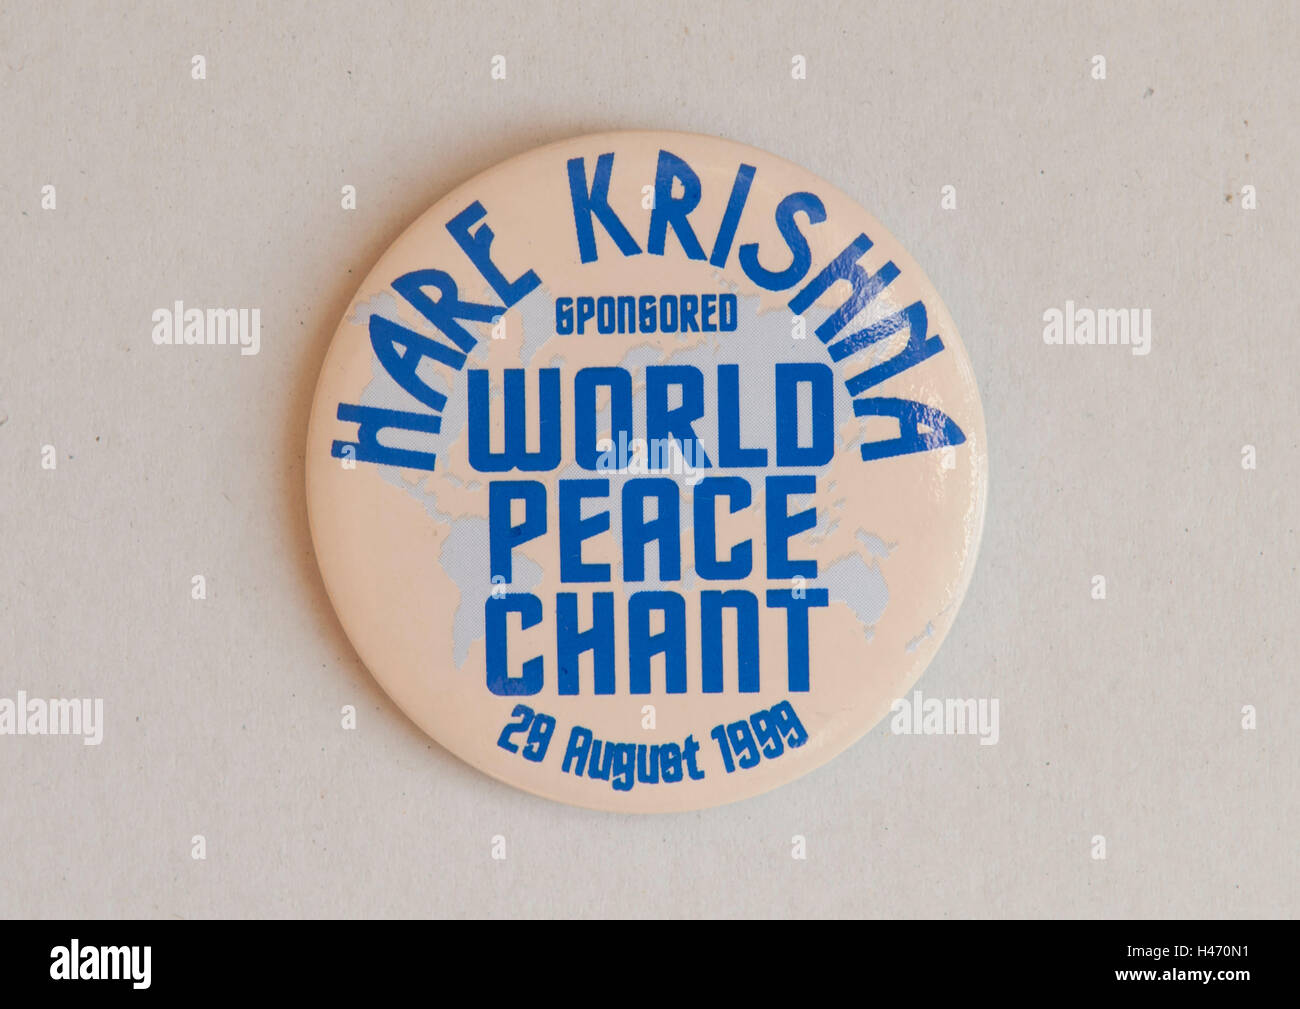 Hare-Krishna gesponsert Welt Frieden Chant 28. August 1989 London Uk HOMER SYKES Stockbild